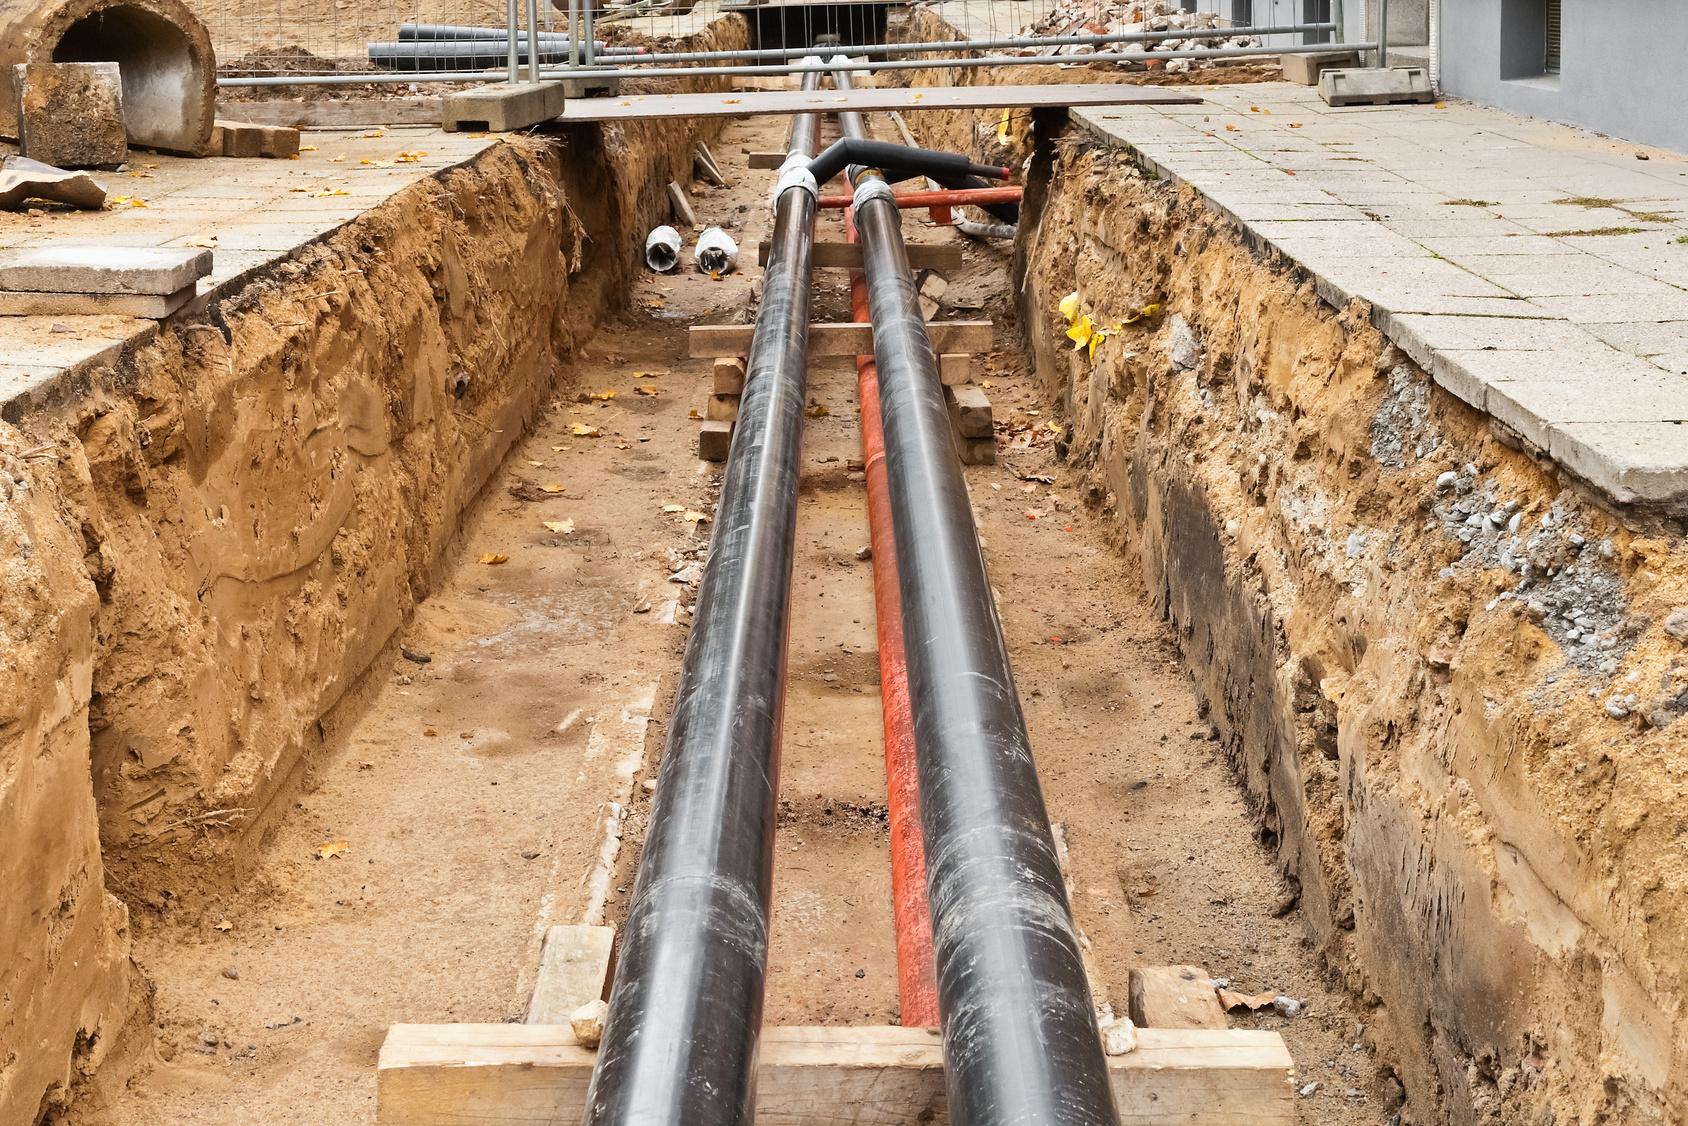 Comment déterminer le coût de remplacement des tuyaux de drainage